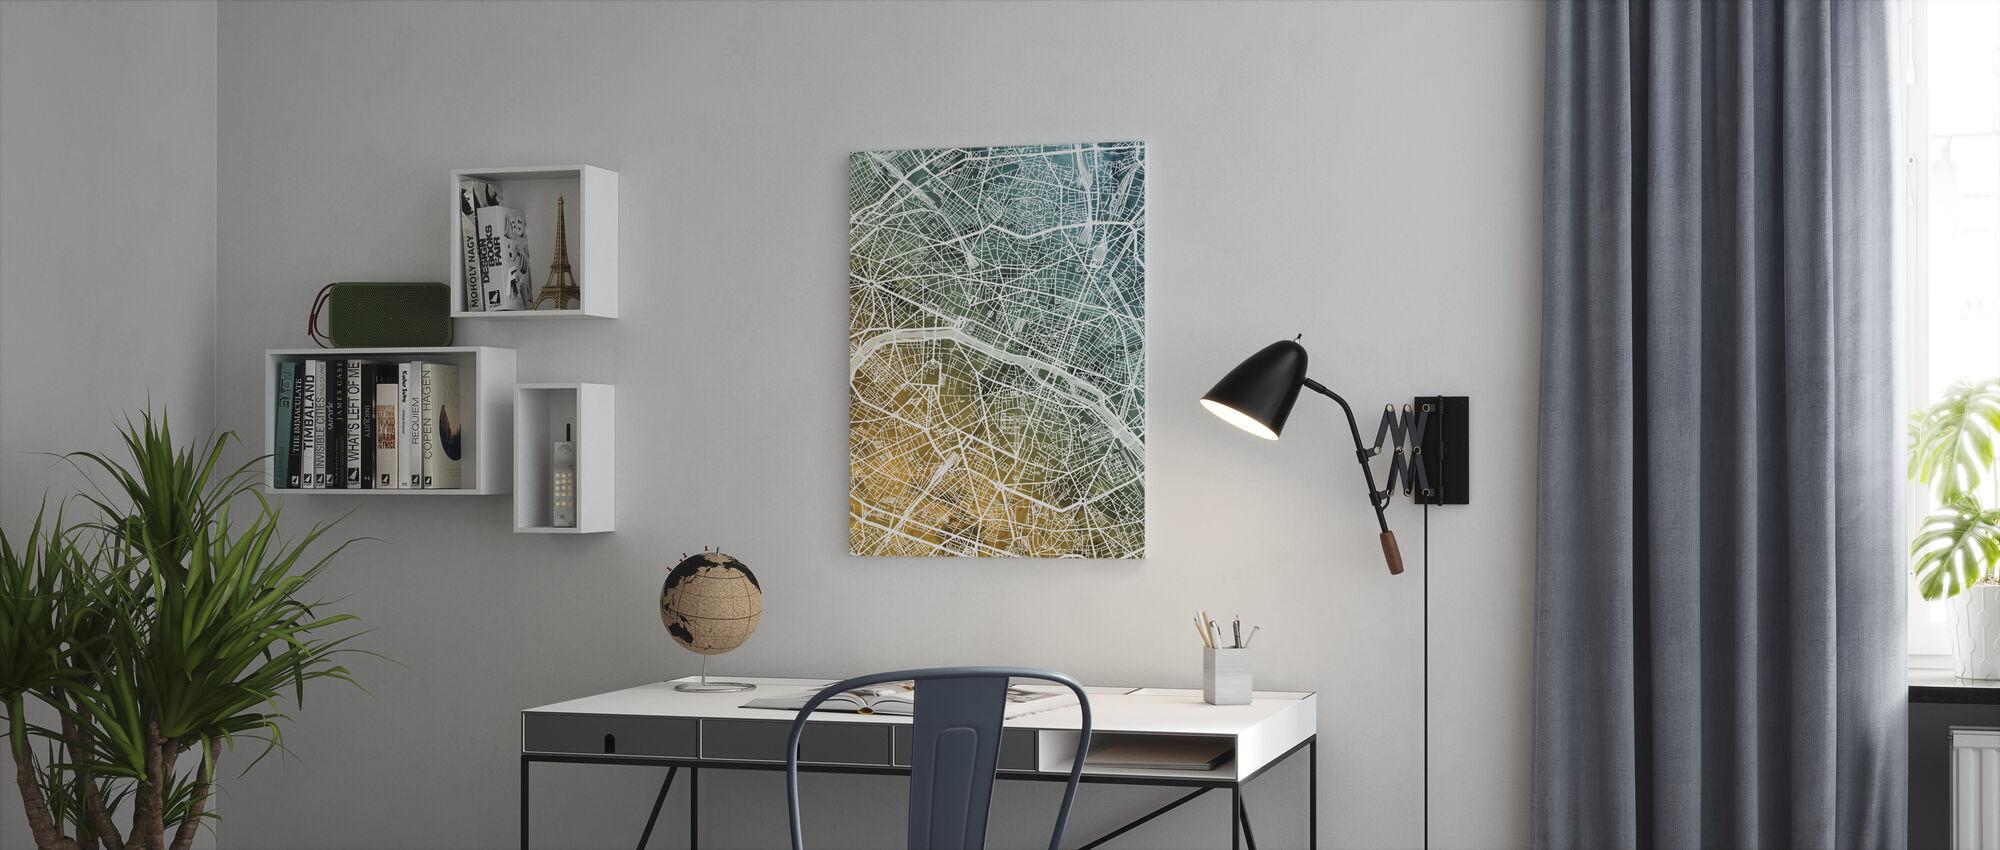 Paris France City Map - Canvas print - Office